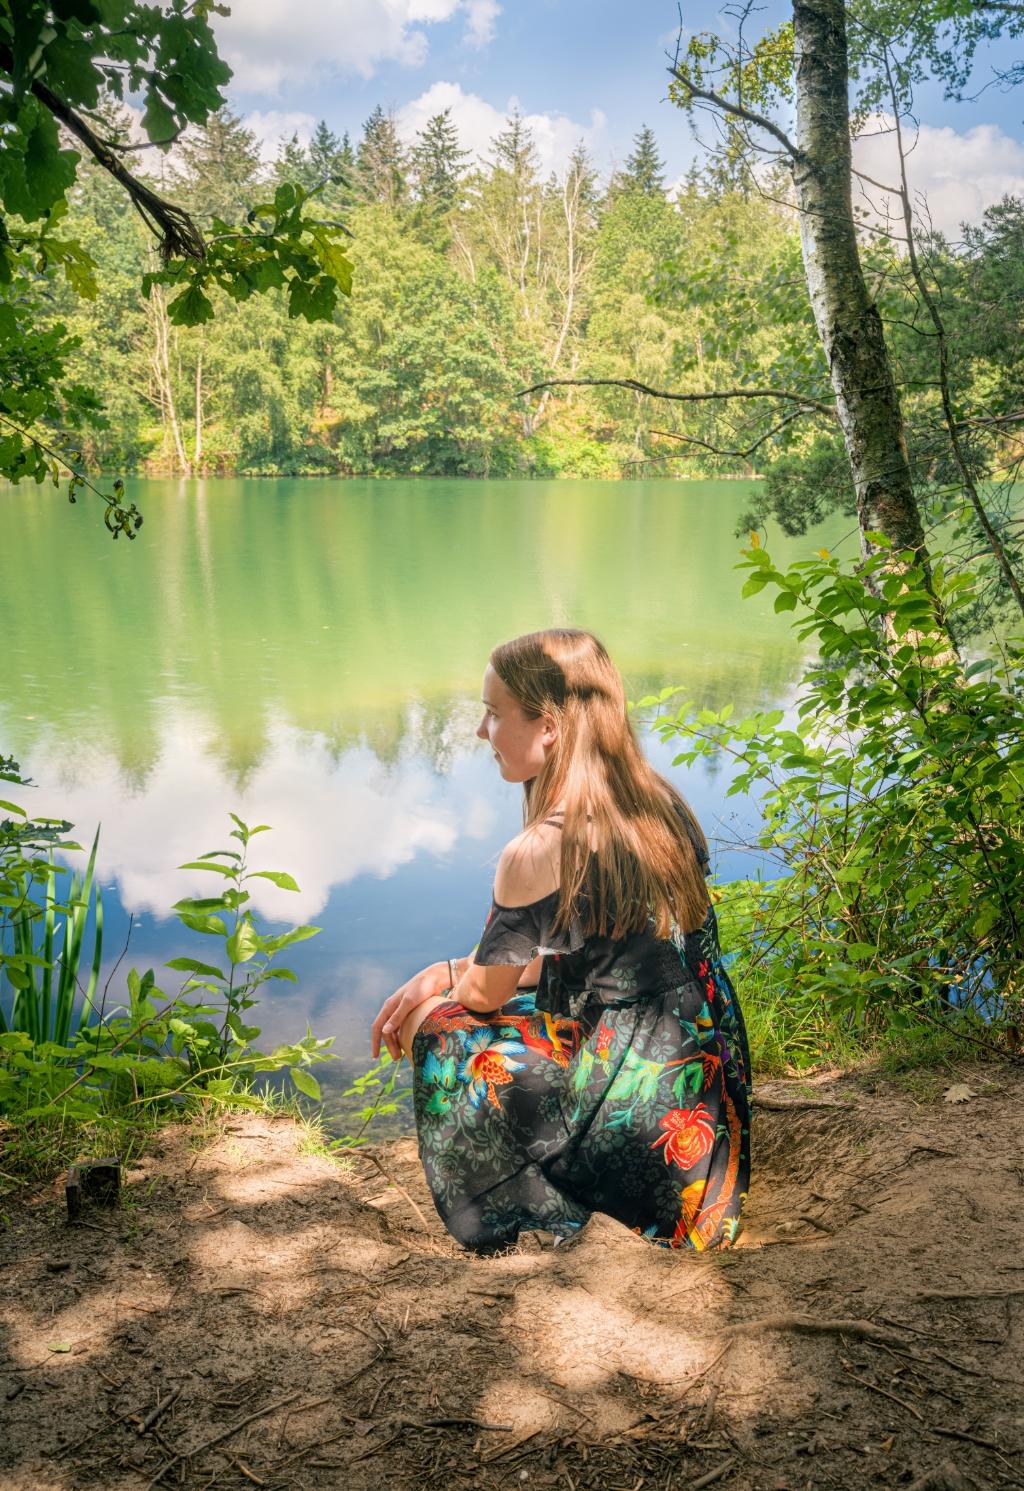 Ilse kijkt dromerig uit over het kleurrijke water van De Maasduinen. De foto is gemaakt op 22 juli 2021 in Nationaal Park De Maasduinen. Ik was daar op vakantie met mijn vriendin en schoonfamilie. Op de foto staat Ilse Bom, mijn nichtje, die zomers en kleurrijk gekleed opgaat in een zomers, kleurrijk en typisch Nederlands landschap, waar ze wegdroomt bij dit prachtige meertje.  Theo van Veenendaal © BDU media